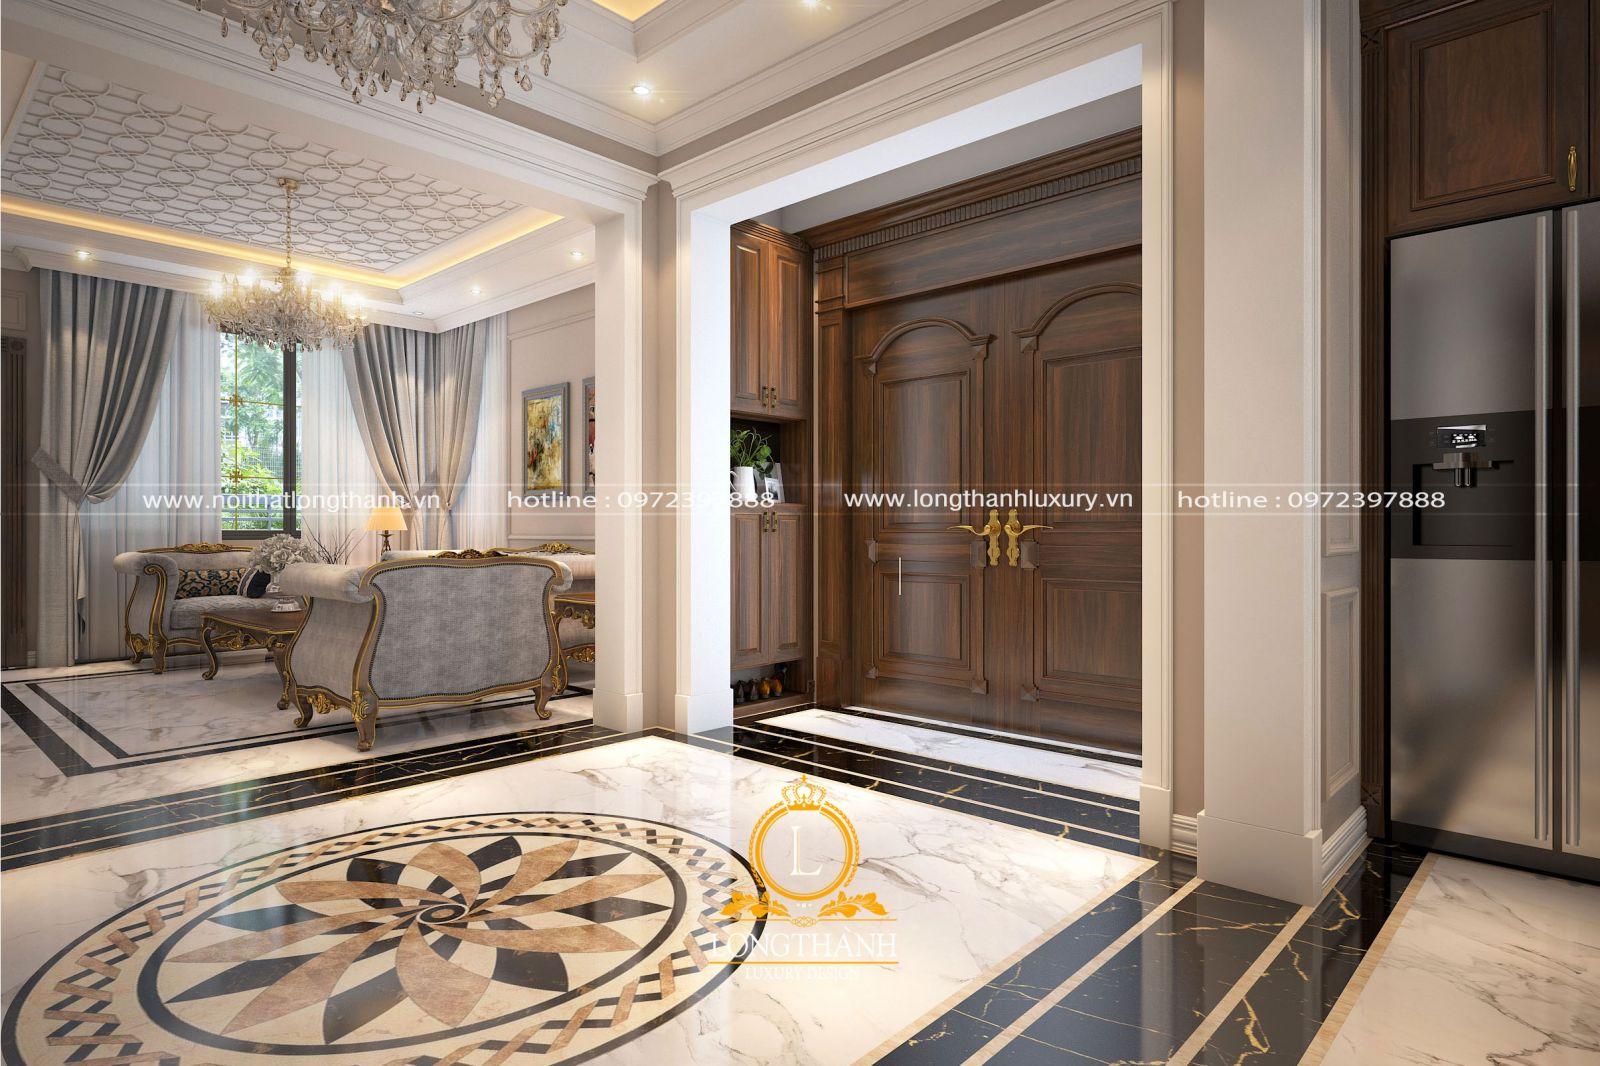 Phòng khách với hệ trần trang trí đẹp